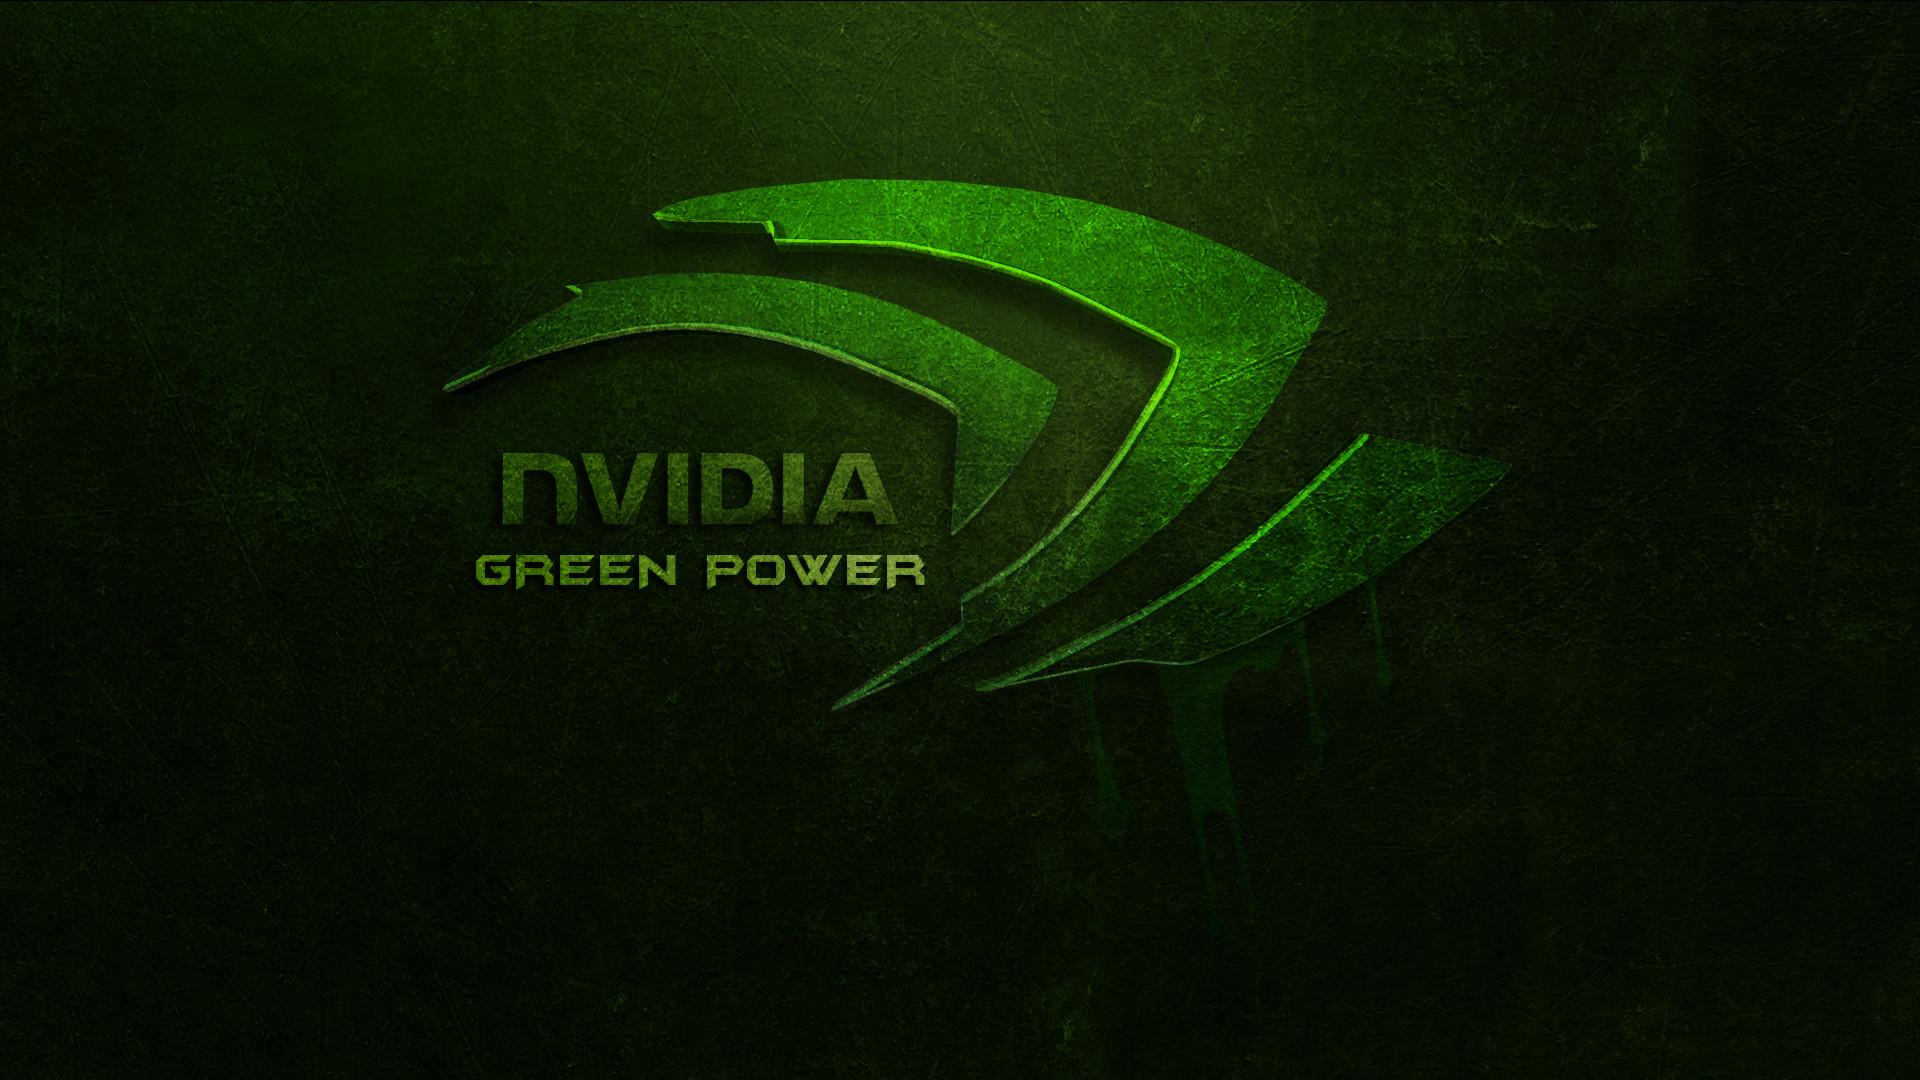 Nvidia wallpaper 1920x1080 91 images - 1920x1080 wallpaper nvidia ...